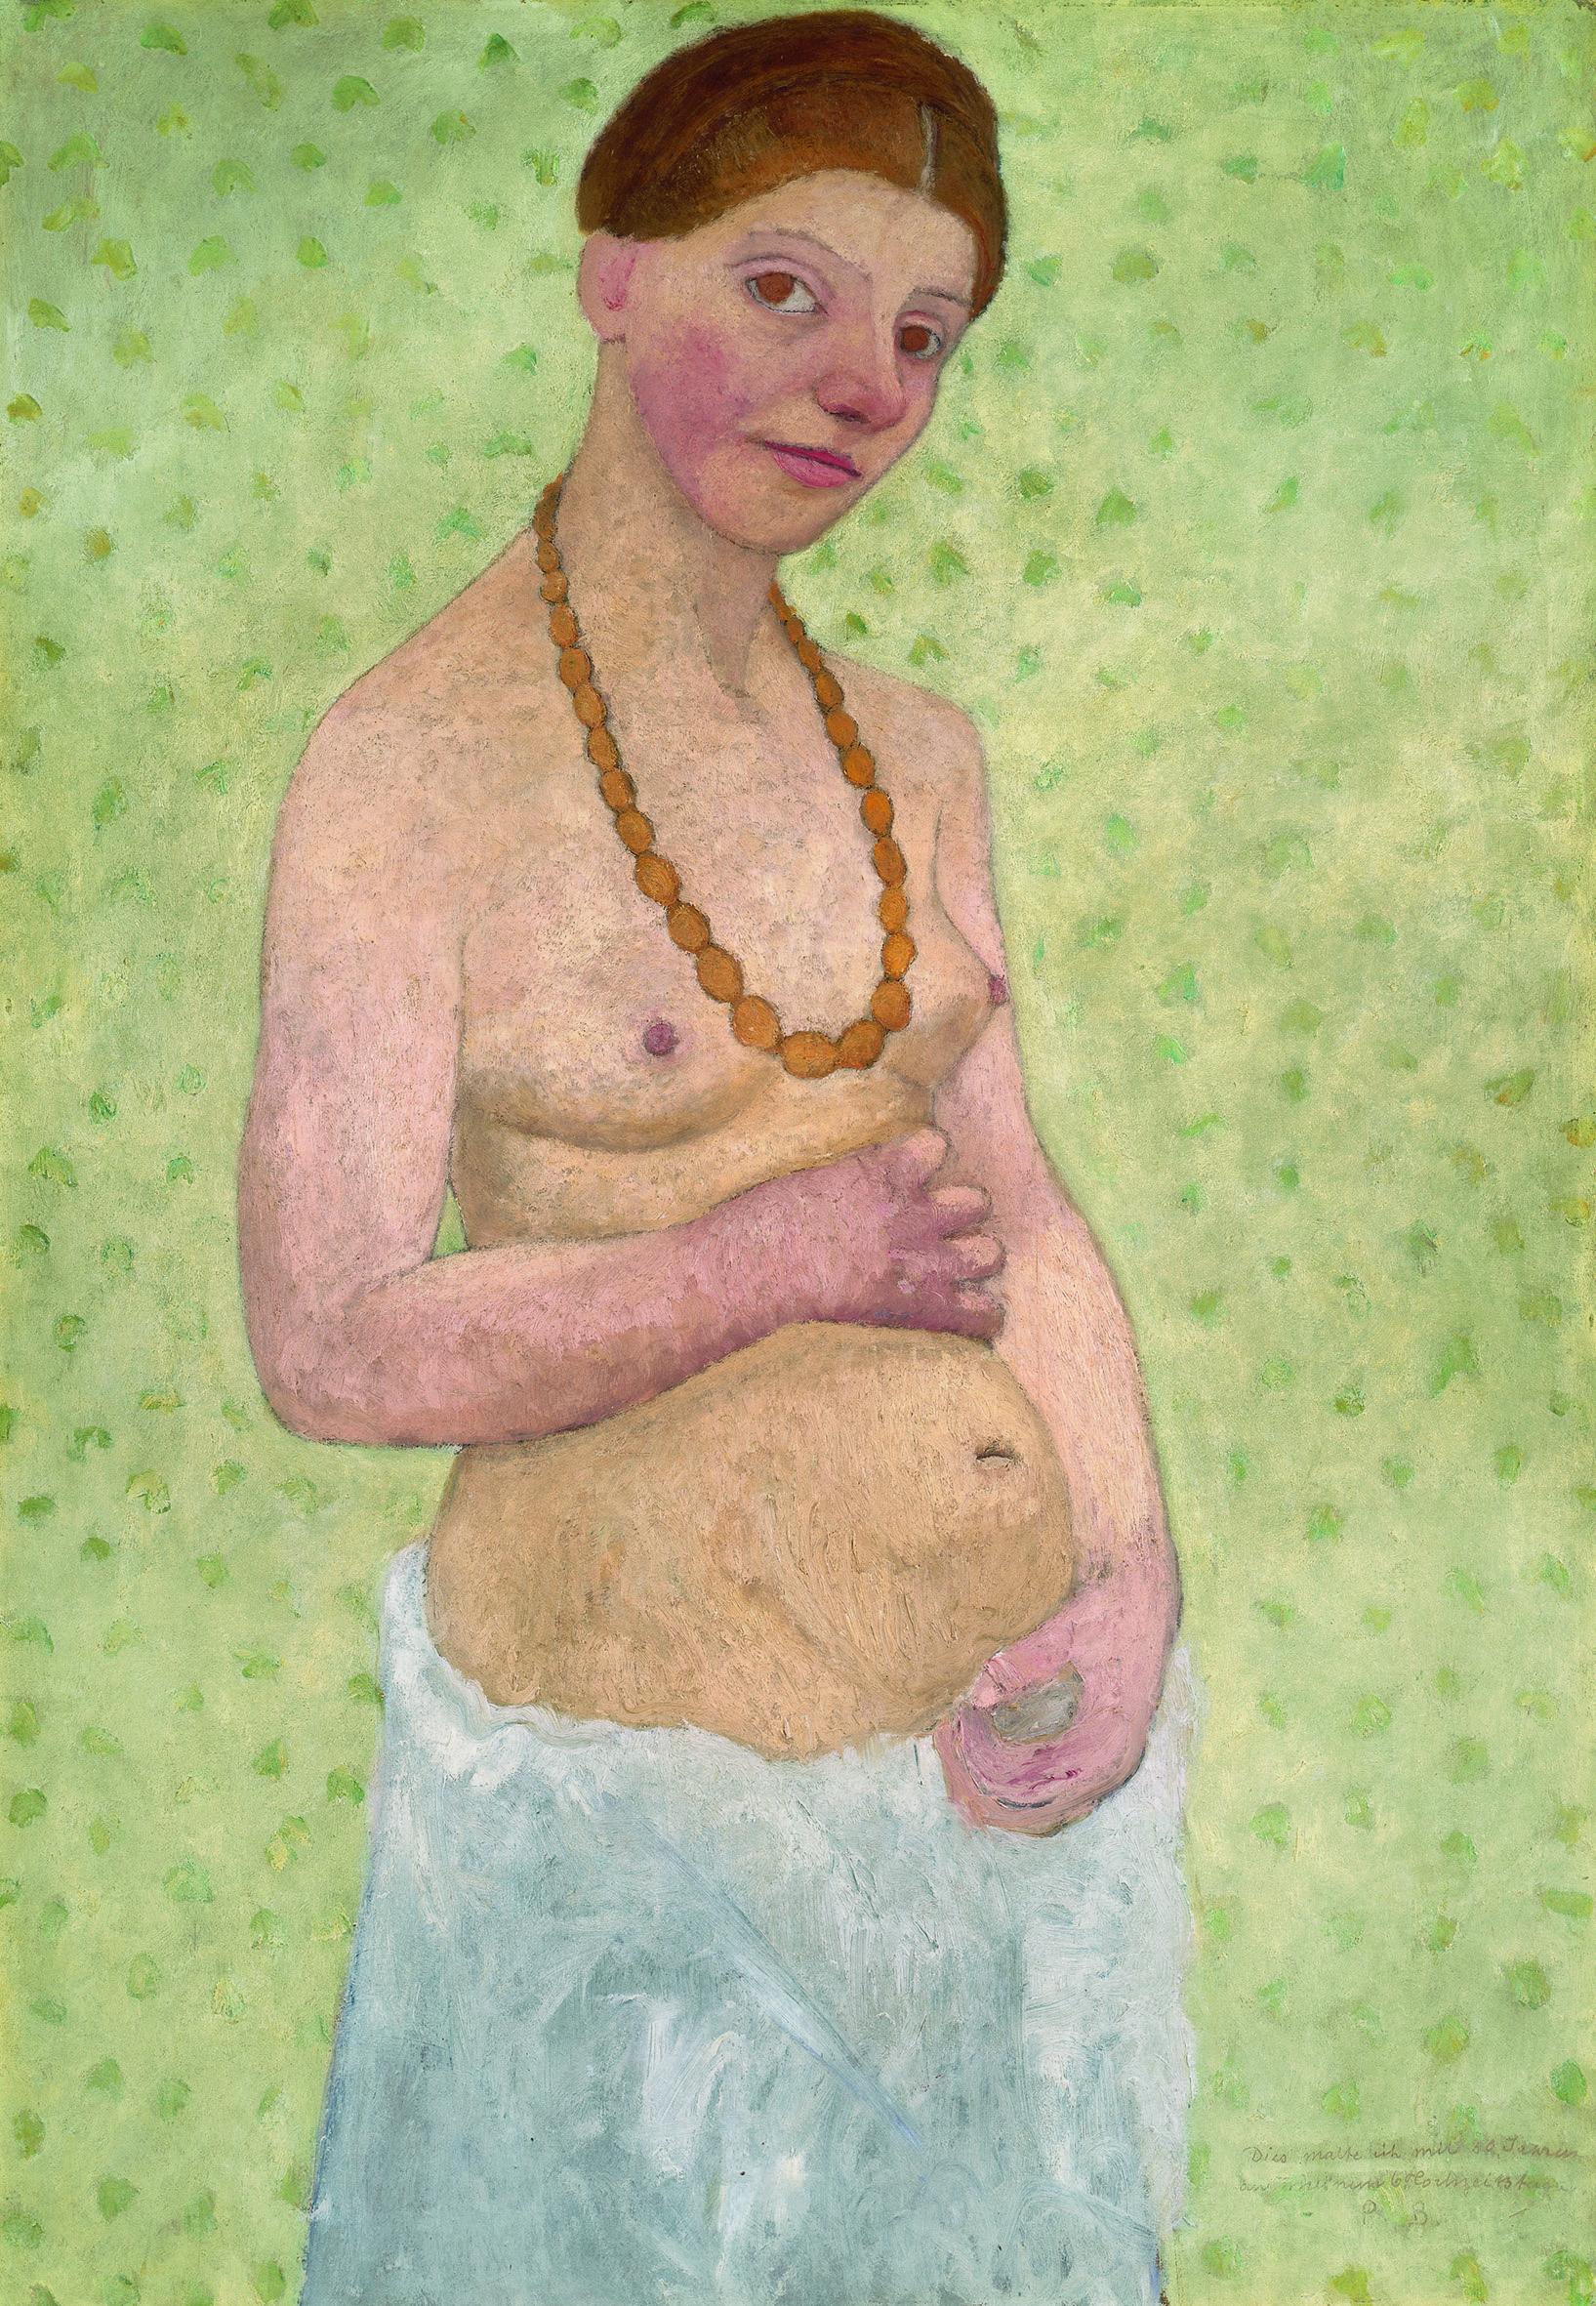 Paula Modersohn-Becker Selbstbildnis am 6. Hochzeitstag, 1906. Museen Böttcherstraße, Paula Modersohn-Becker Museum, Bremen